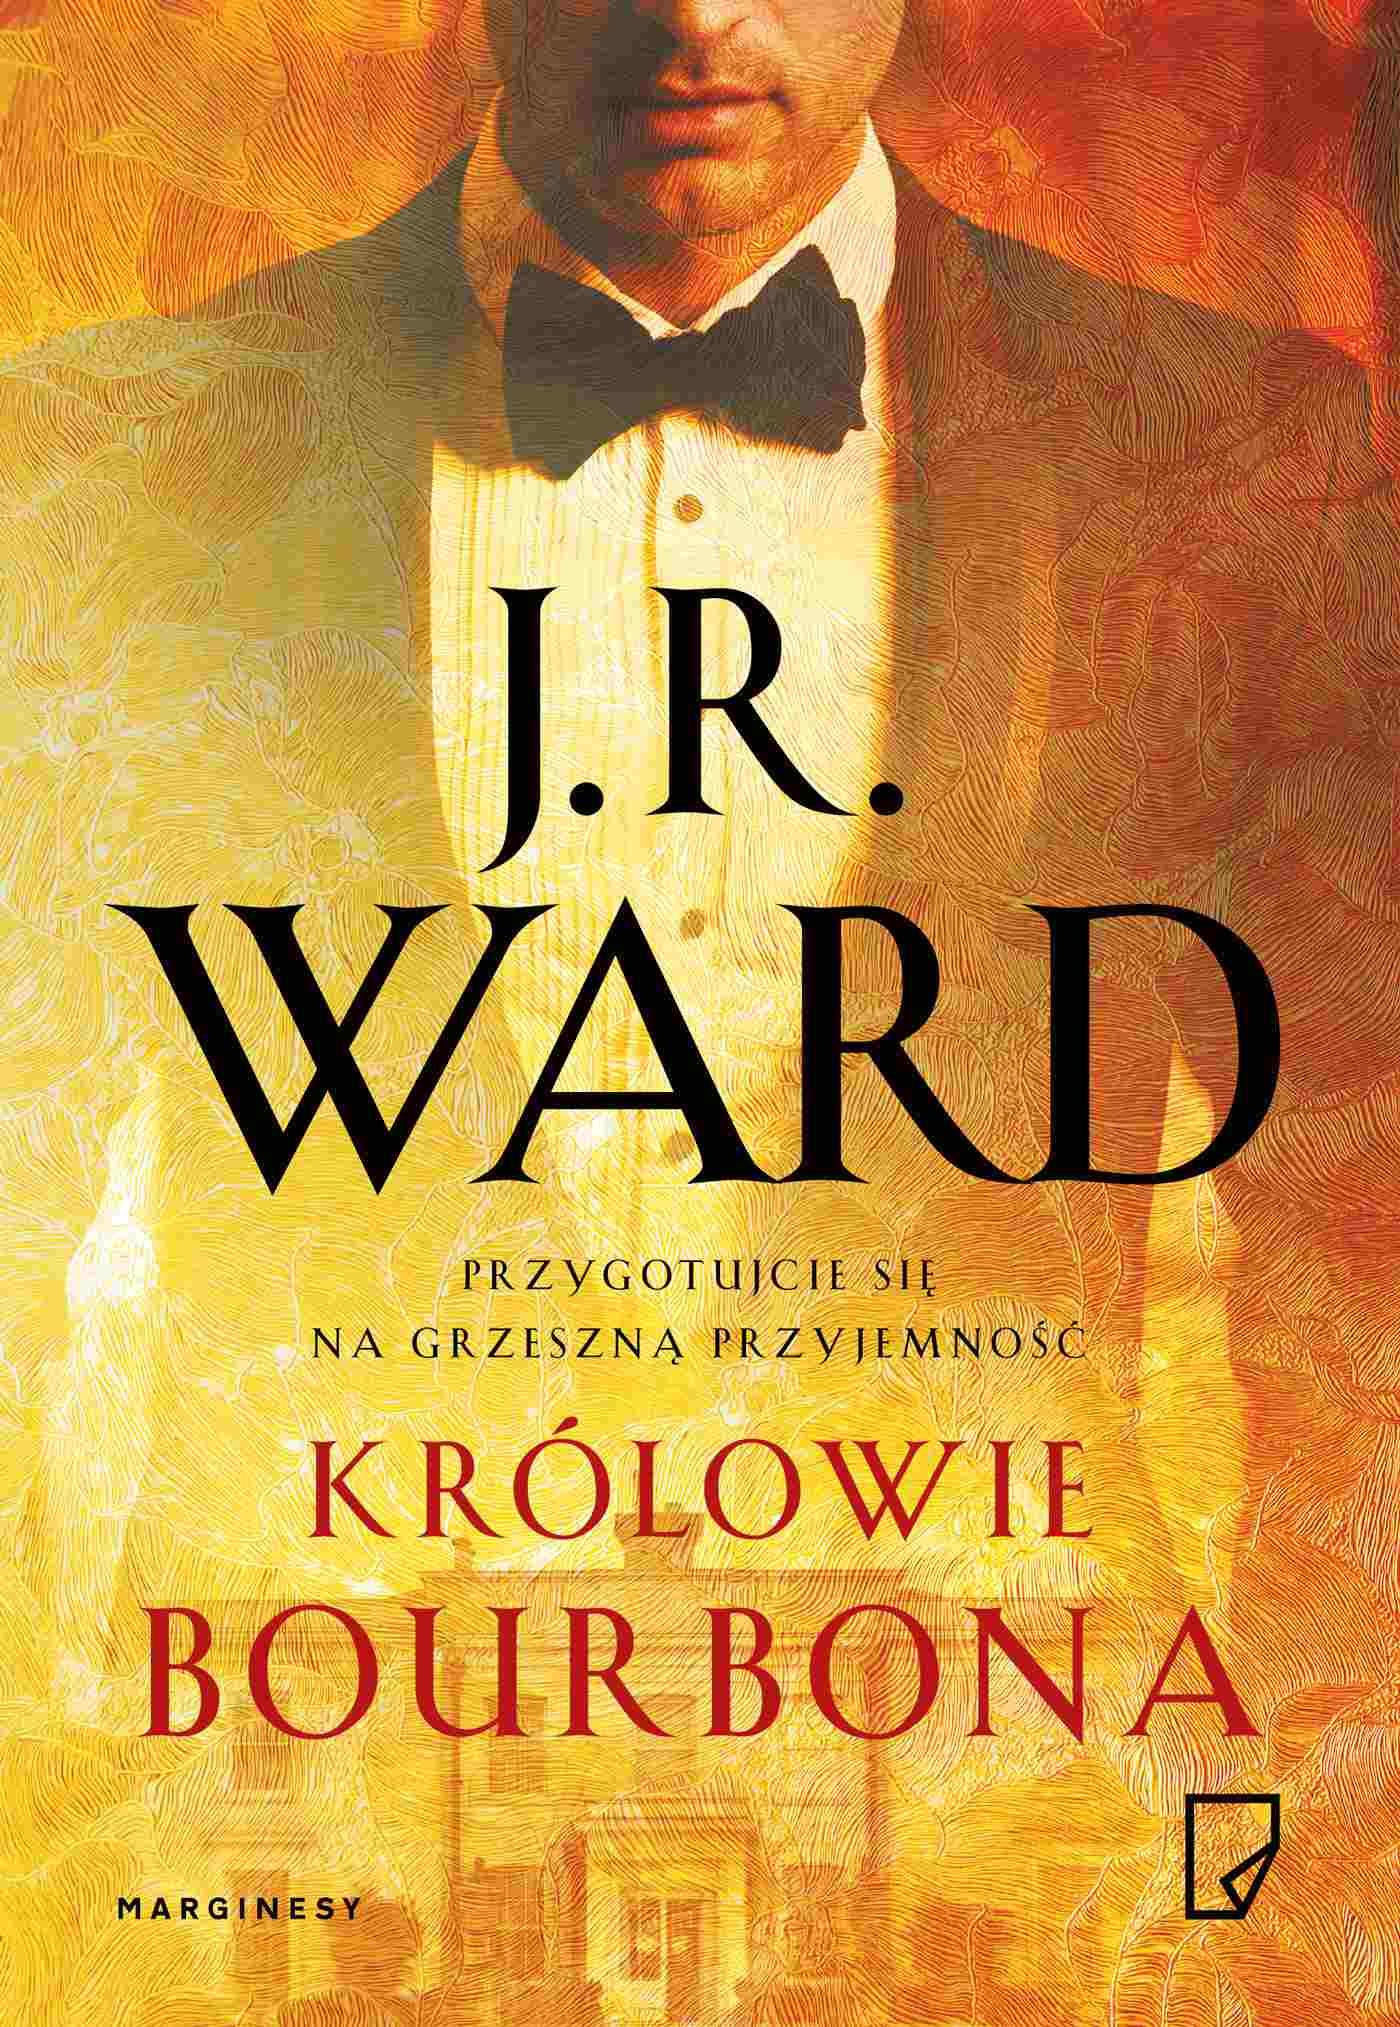 Królowie bourbona - Ebook (Książka na Kindle) do pobrania w formacie MOBI